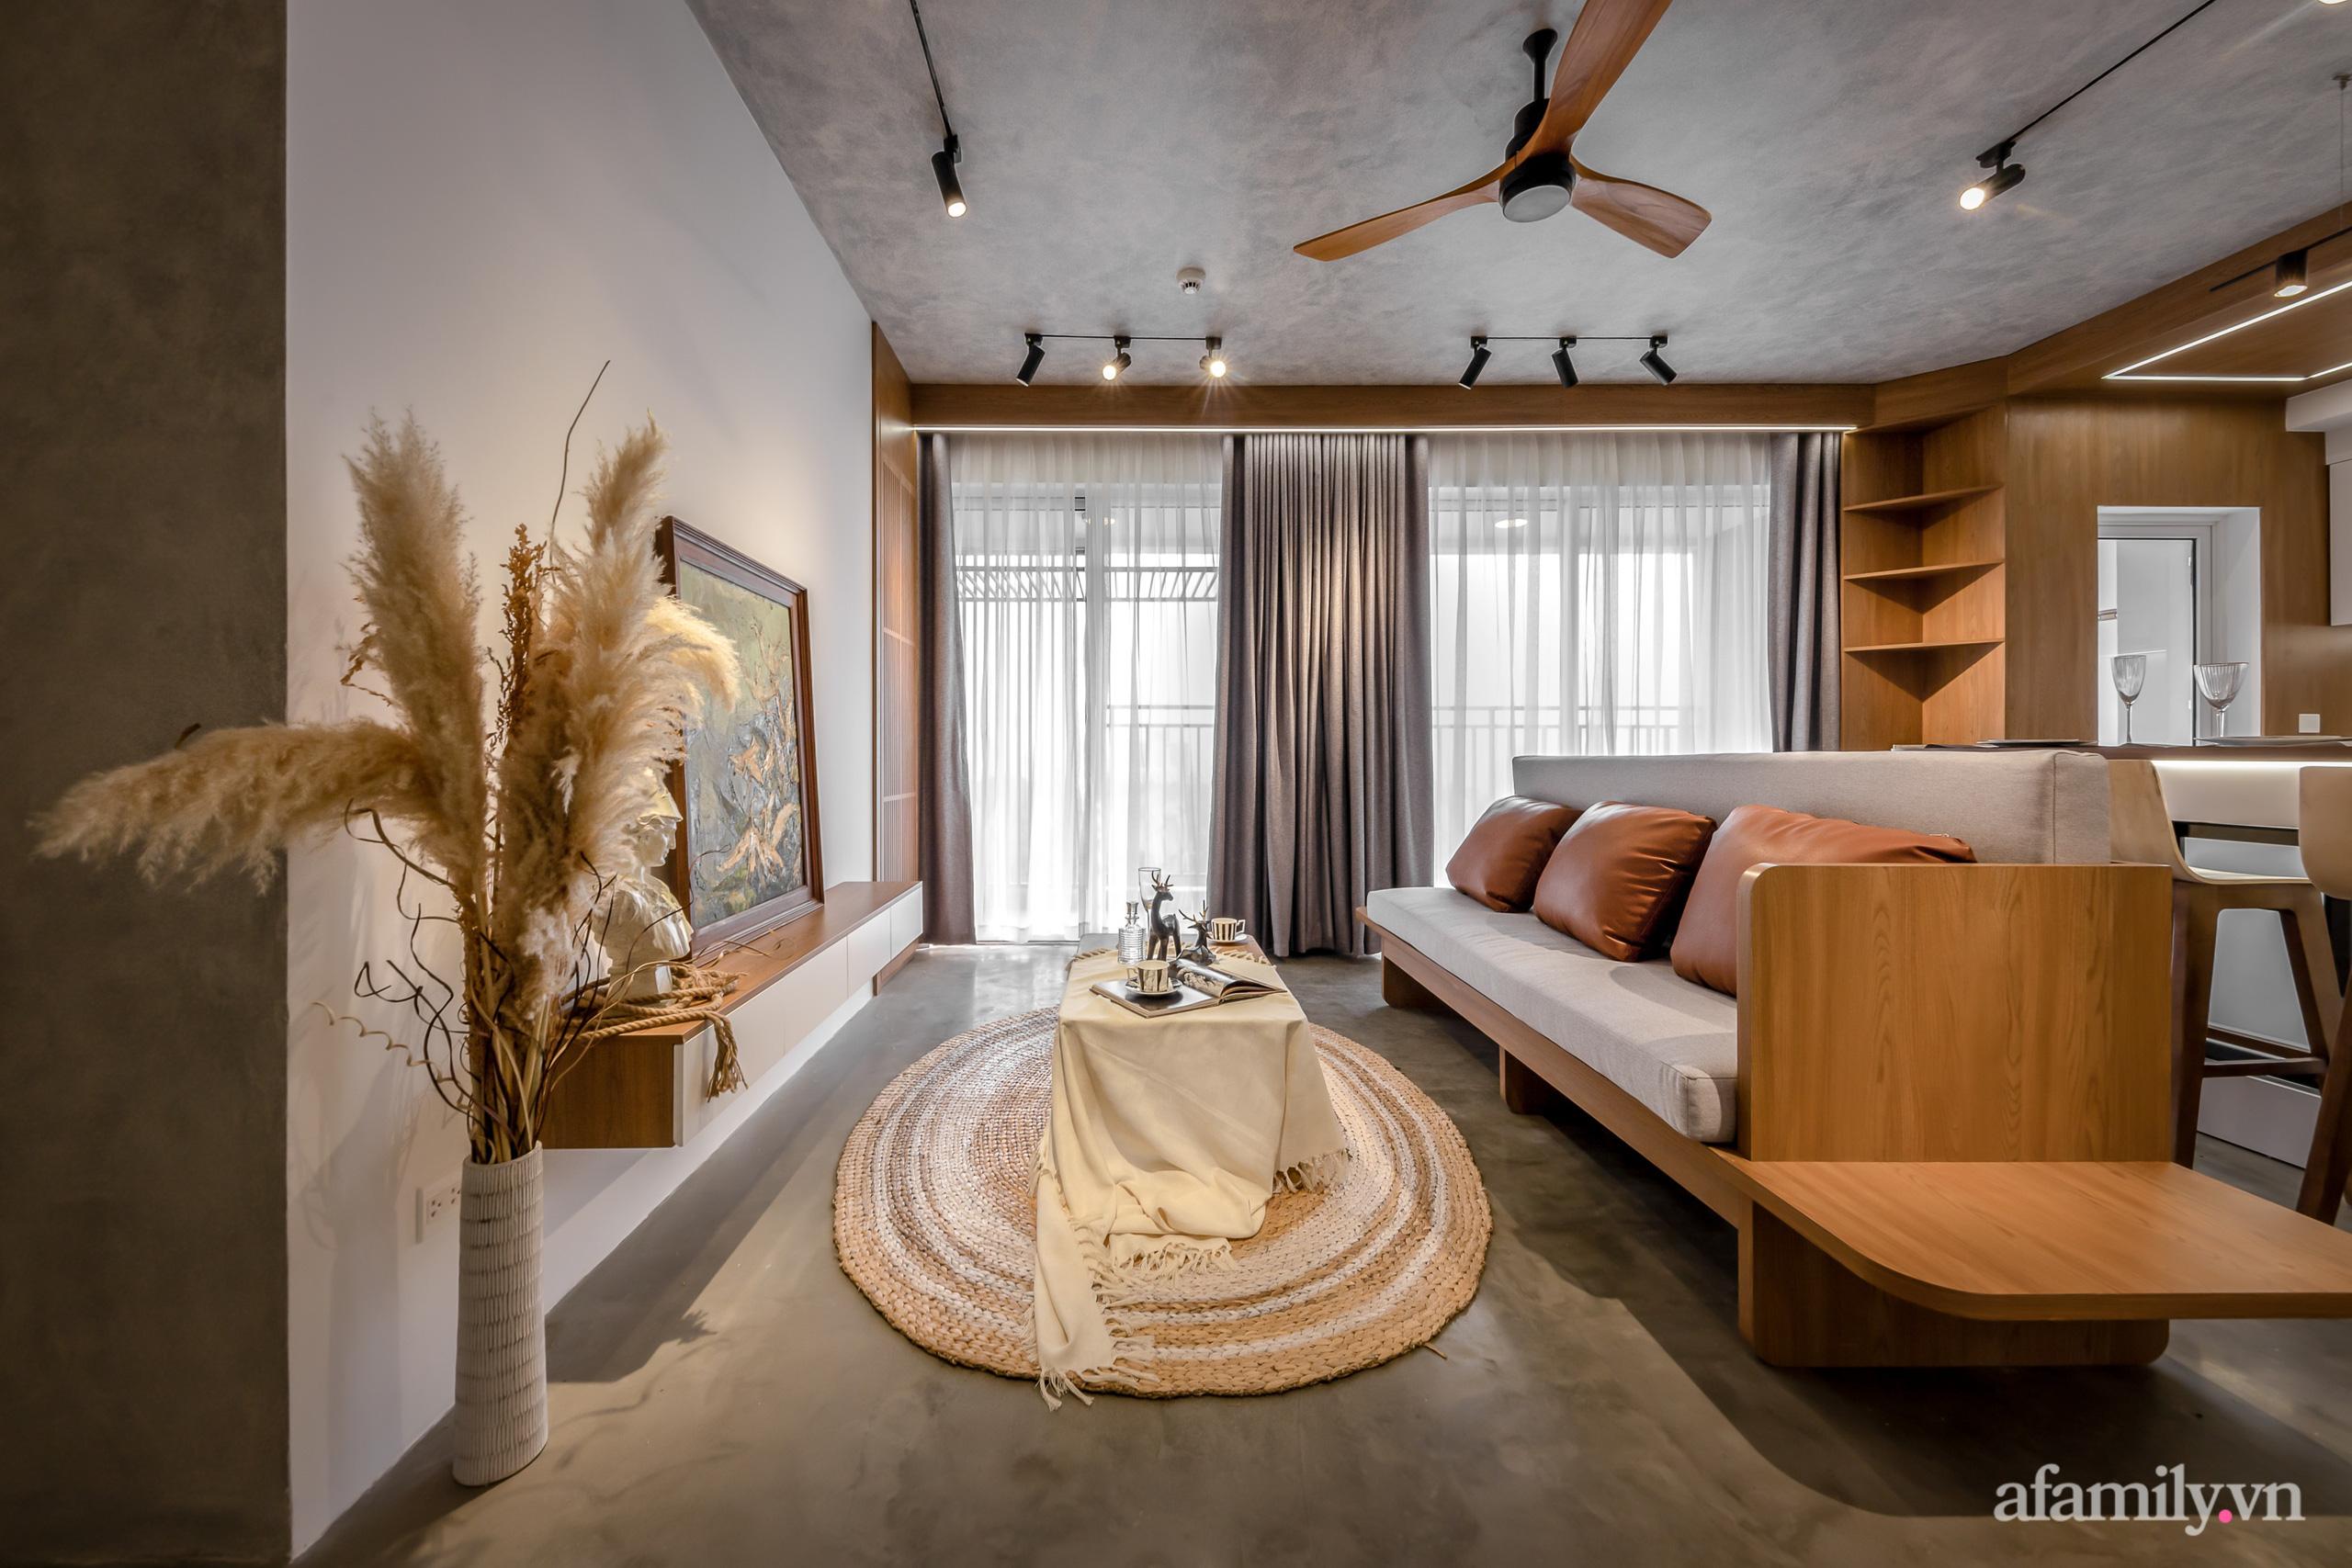 Căn hộ 106m² đẹp cá tính với hiệu ứng bê tông cùng phong cách tối giản có chi phí hoàn thiện 950 triệu đồng ở Sài Gòn - Ảnh 3.